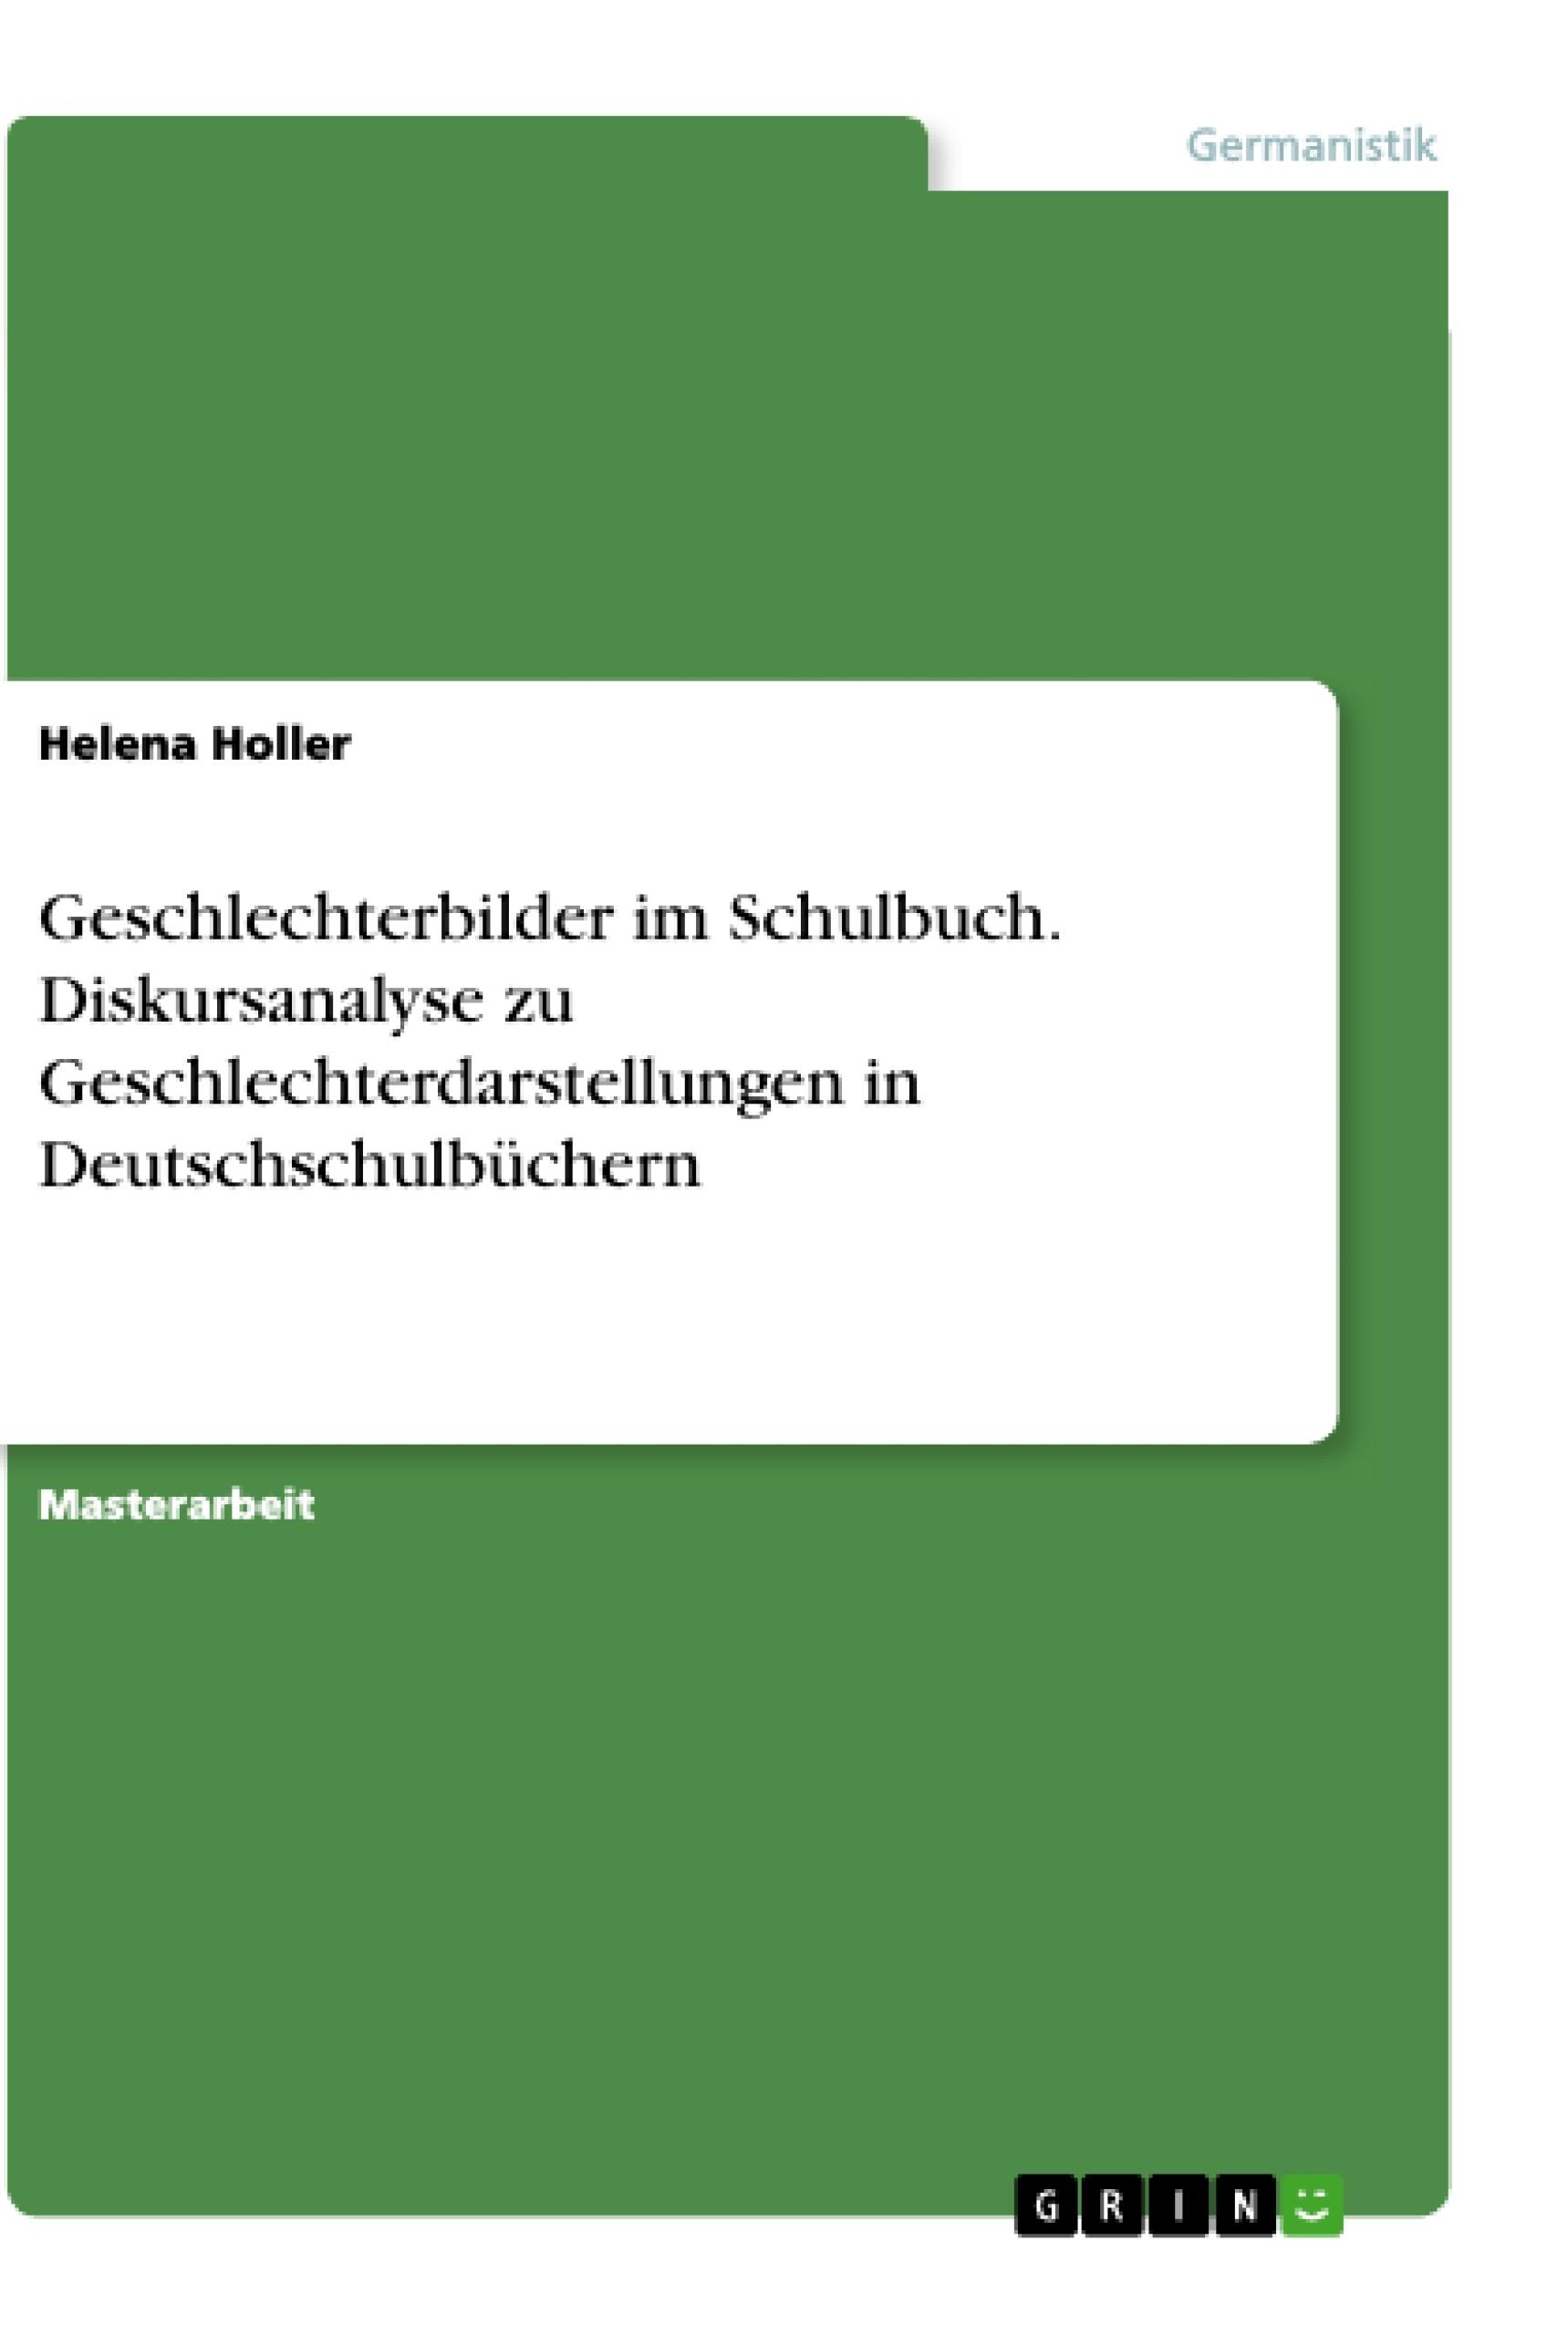 Titel: Geschlechterbilder im Schulbuch. Diskursanalyse zu Geschlechterdarstellungen in Deutschschulbüchern